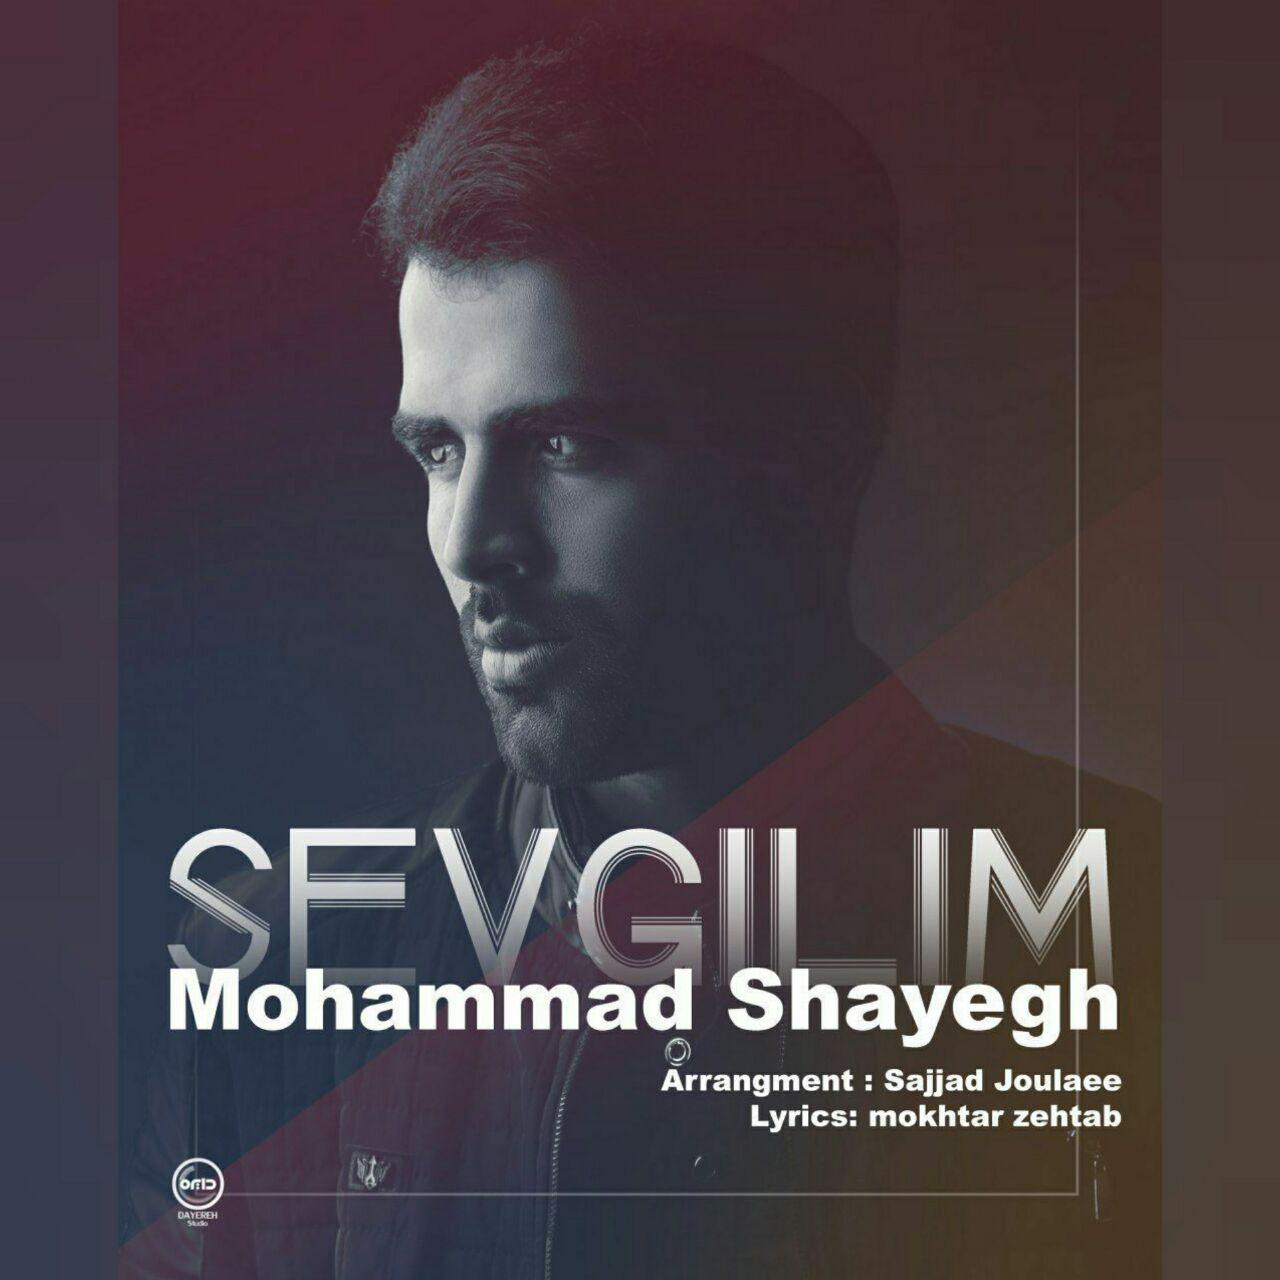 دانلود آهنگ جدید محمد شایق به نام سوگلیم